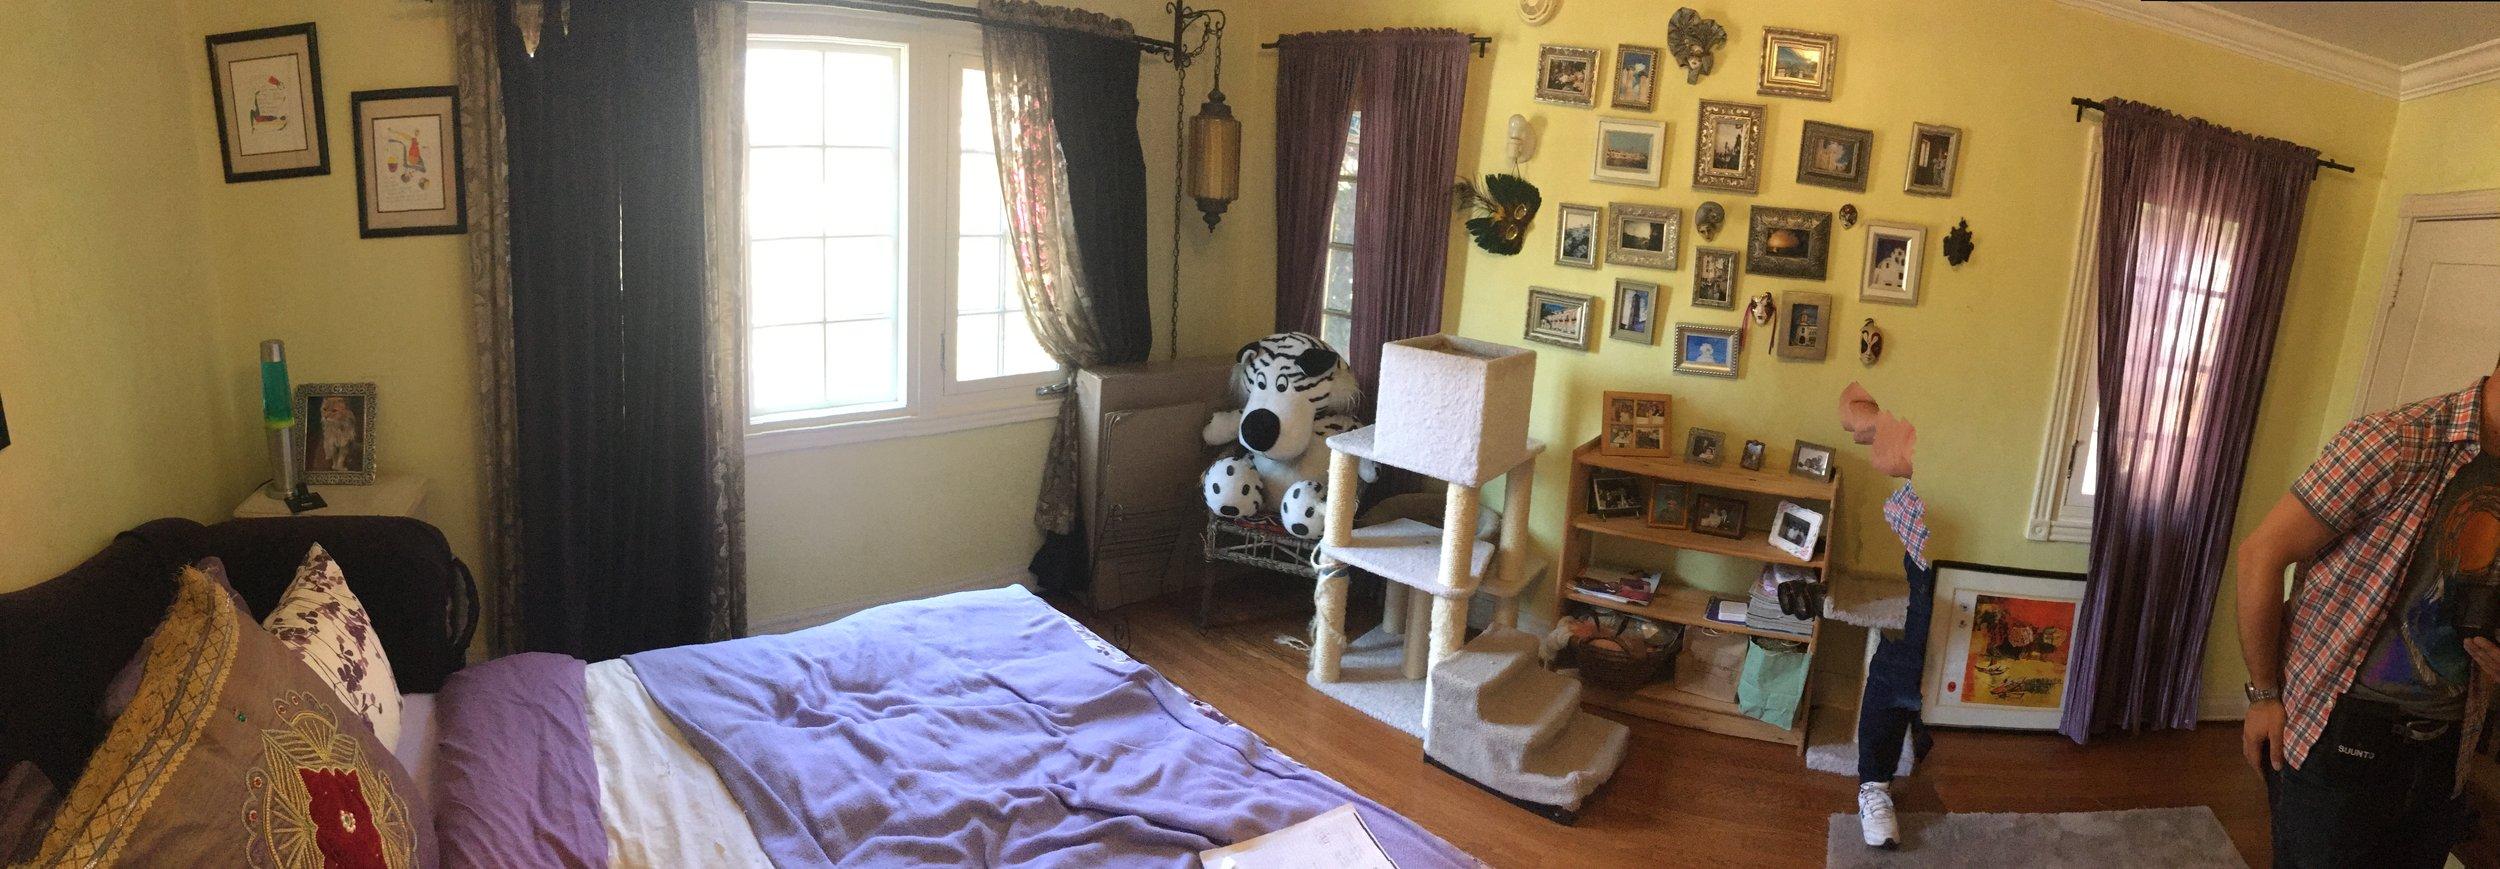 Teenage boy's bedroom before